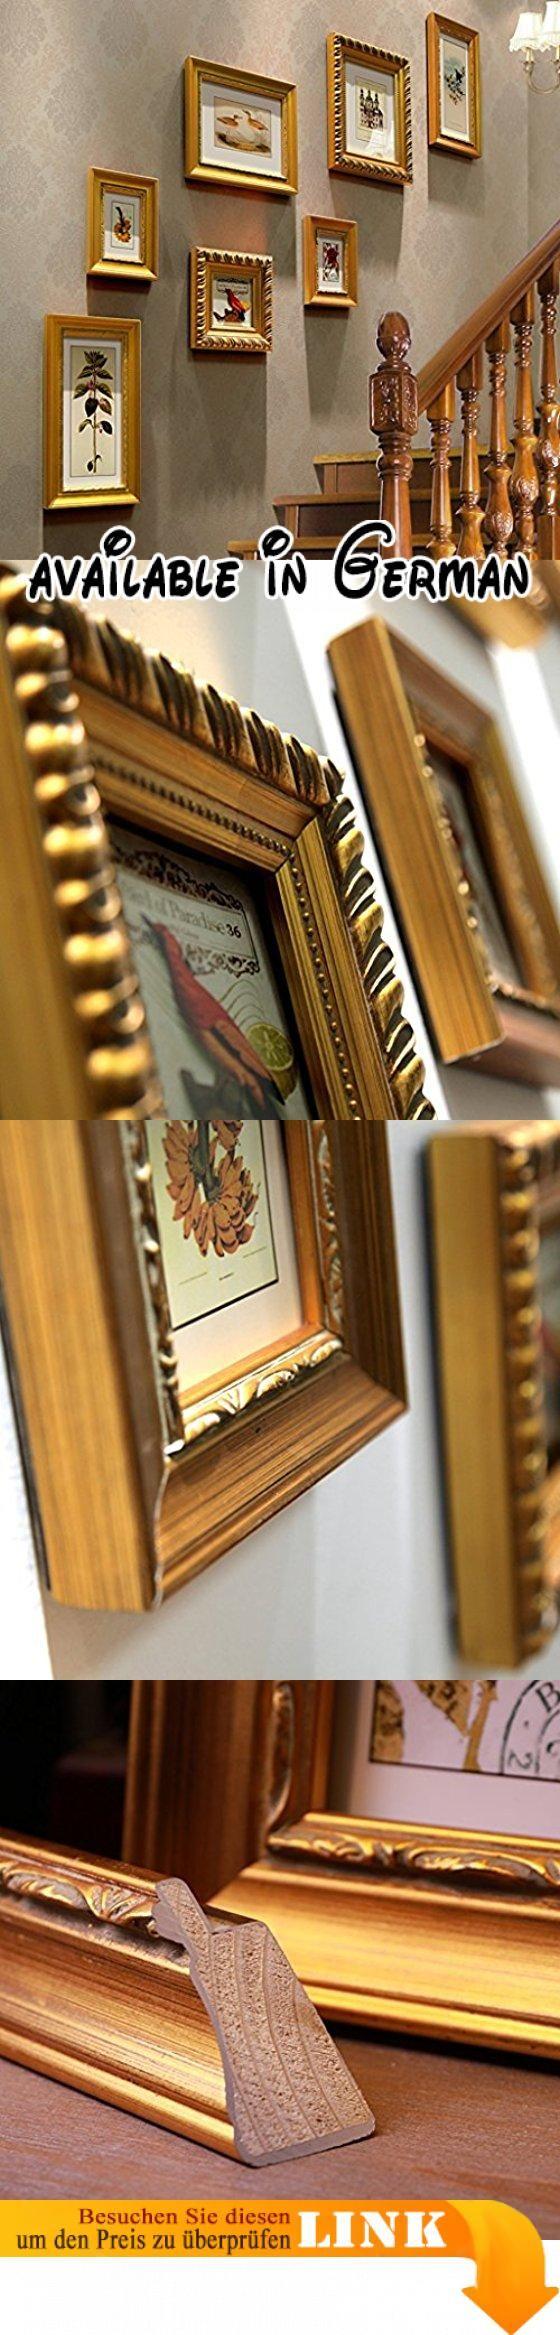 die besten 25 bilderrahmen f r mehrere fotos ideen auf pinterest bilderrahmen mehrere bilder. Black Bedroom Furniture Sets. Home Design Ideas